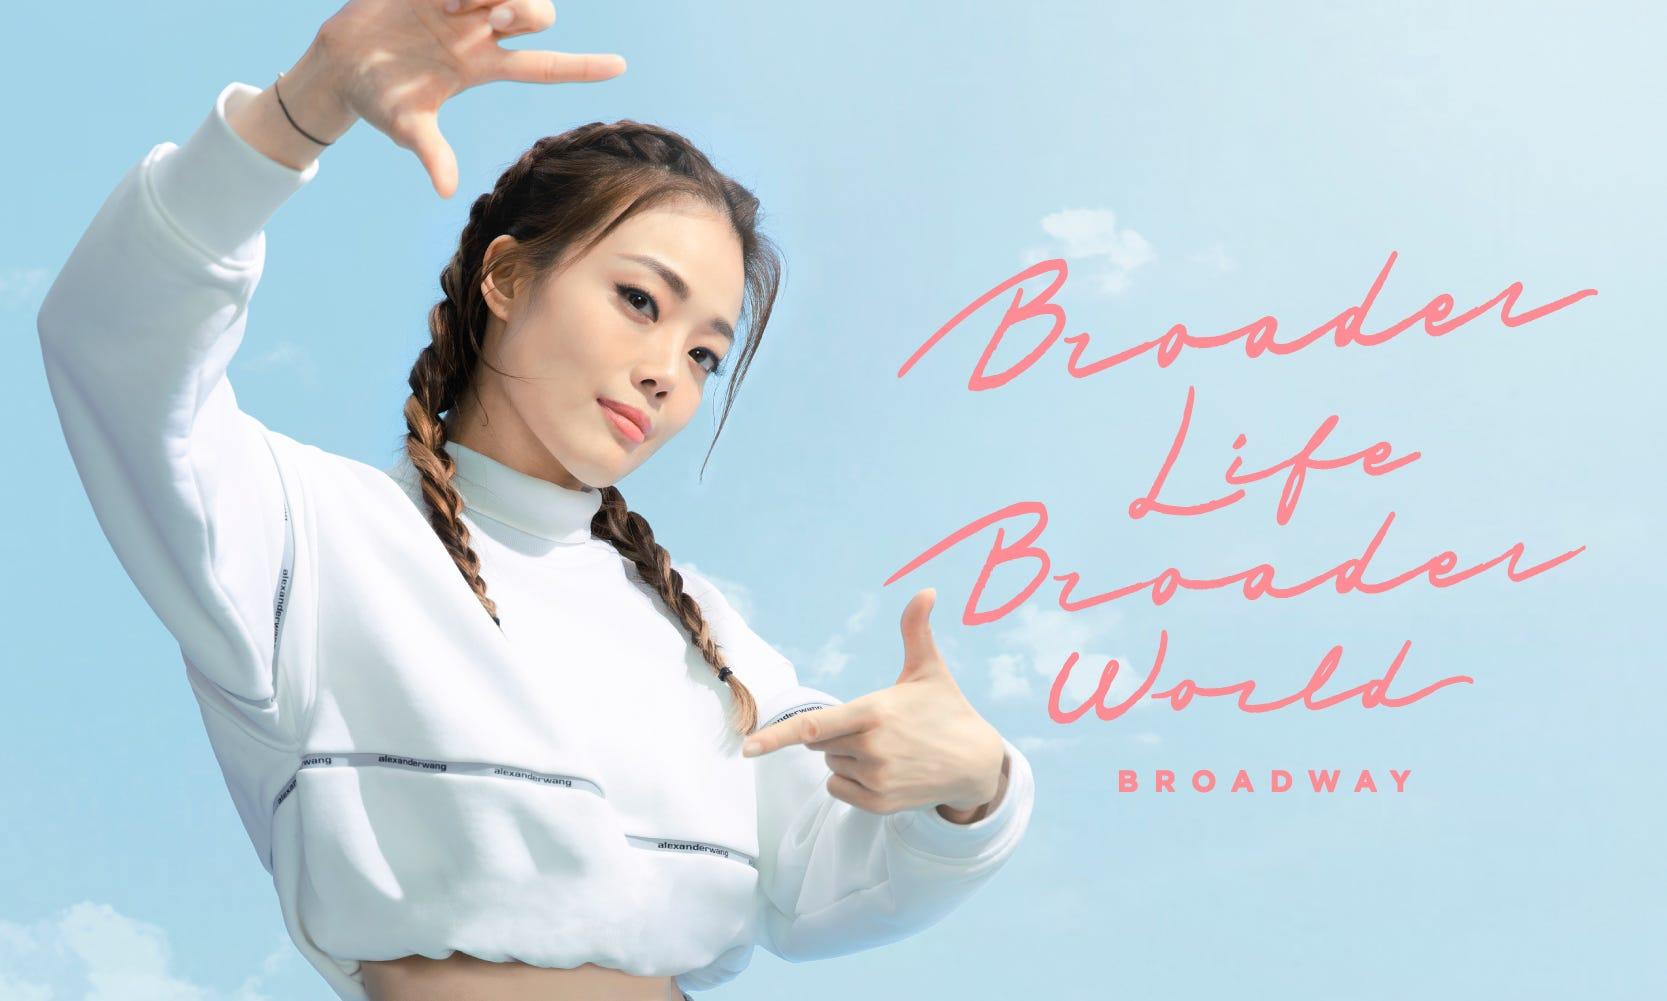 Broader Life Broader World